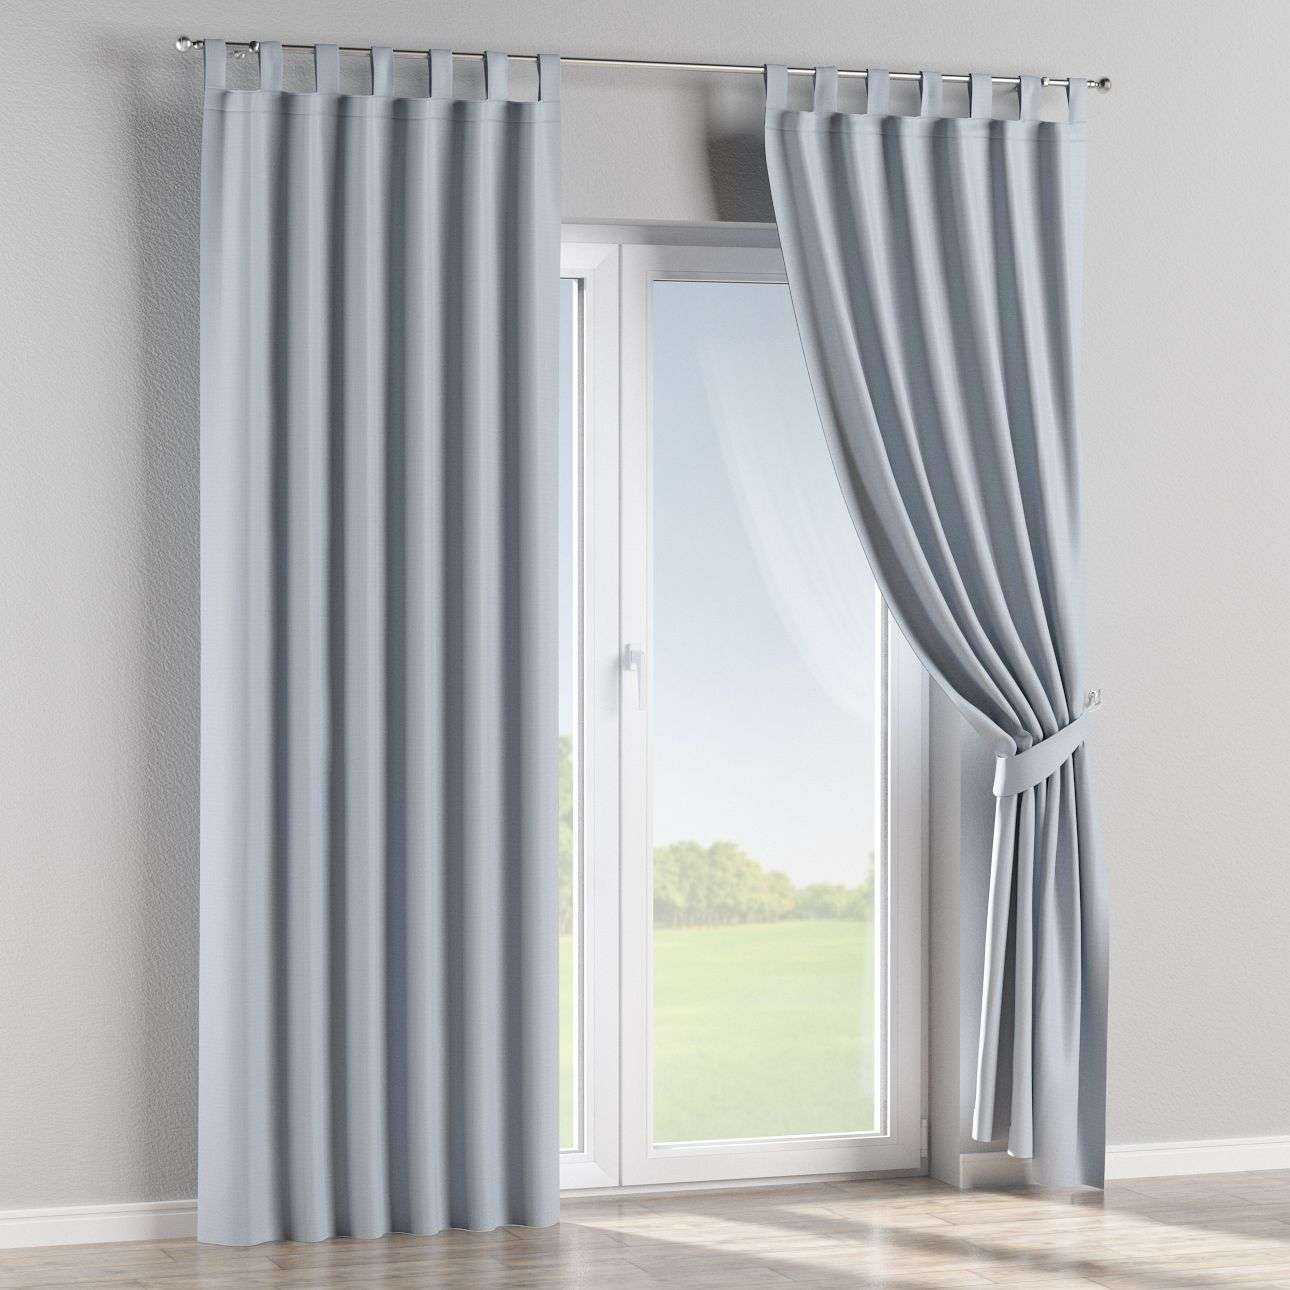 verdunklungsvorhang mit schlaufen pastellblau dekoria. Black Bedroom Furniture Sets. Home Design Ideas